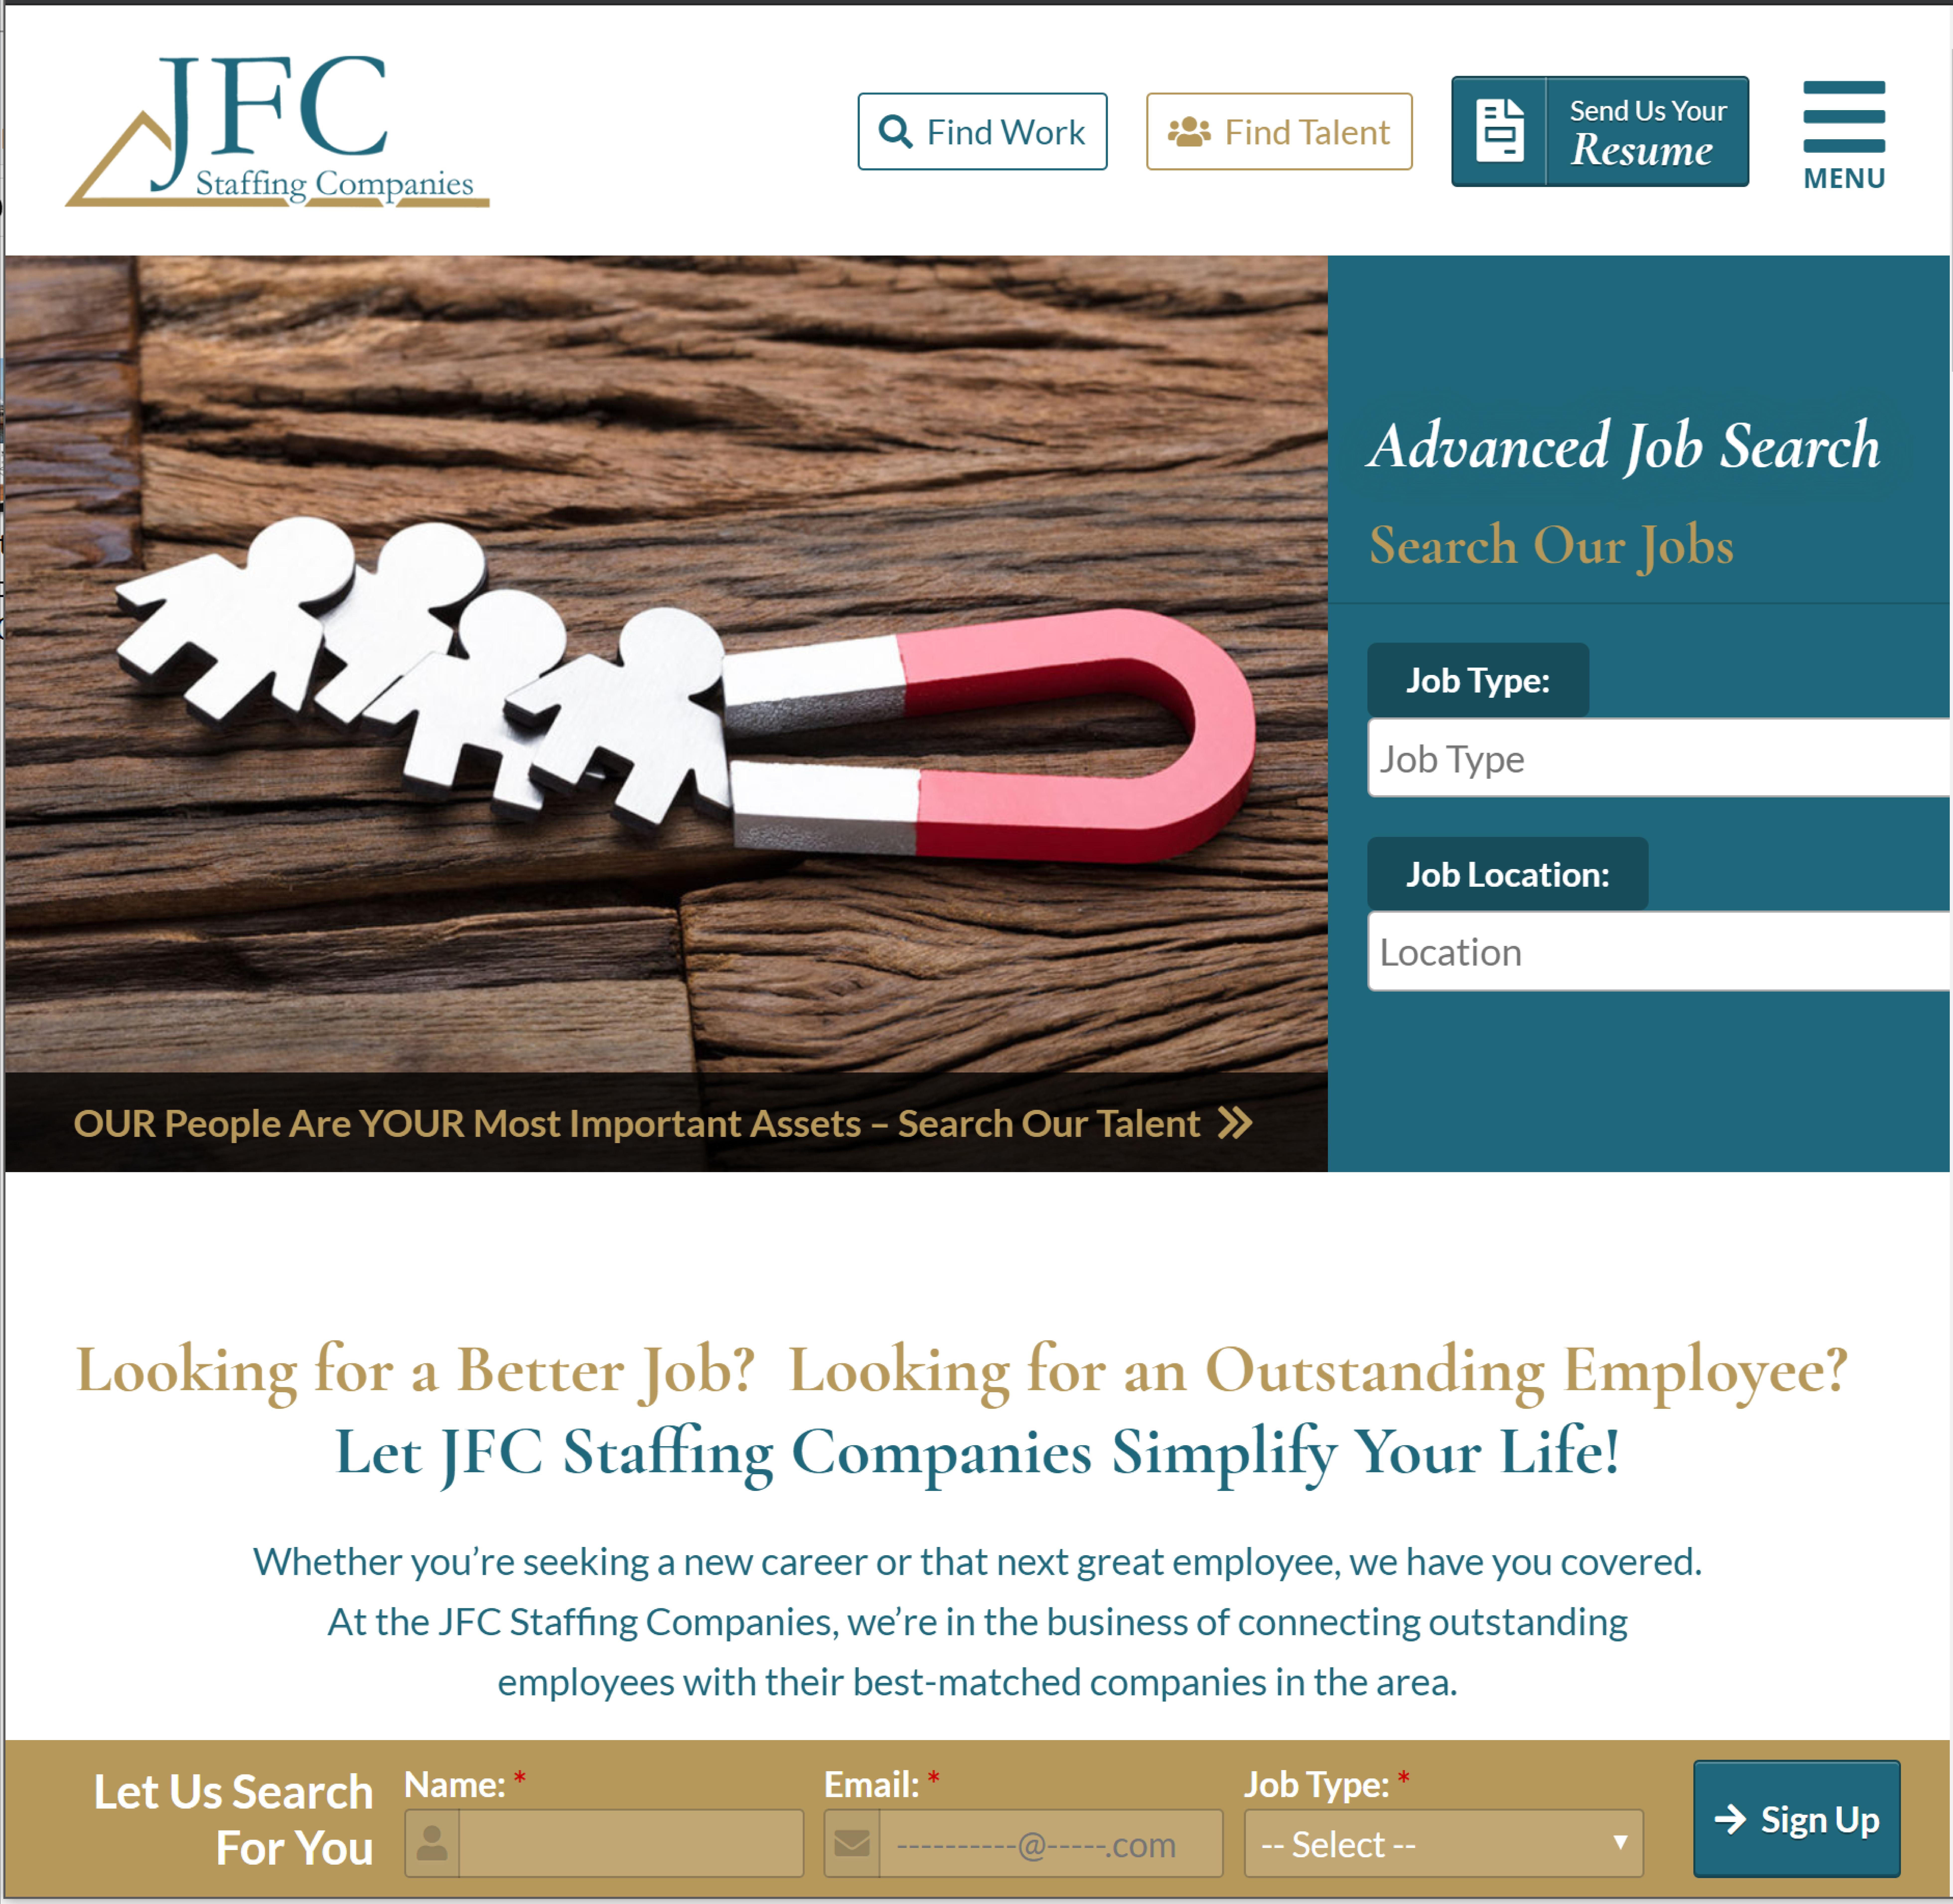 JFC Staffing tablet website design by Valor Creative Media